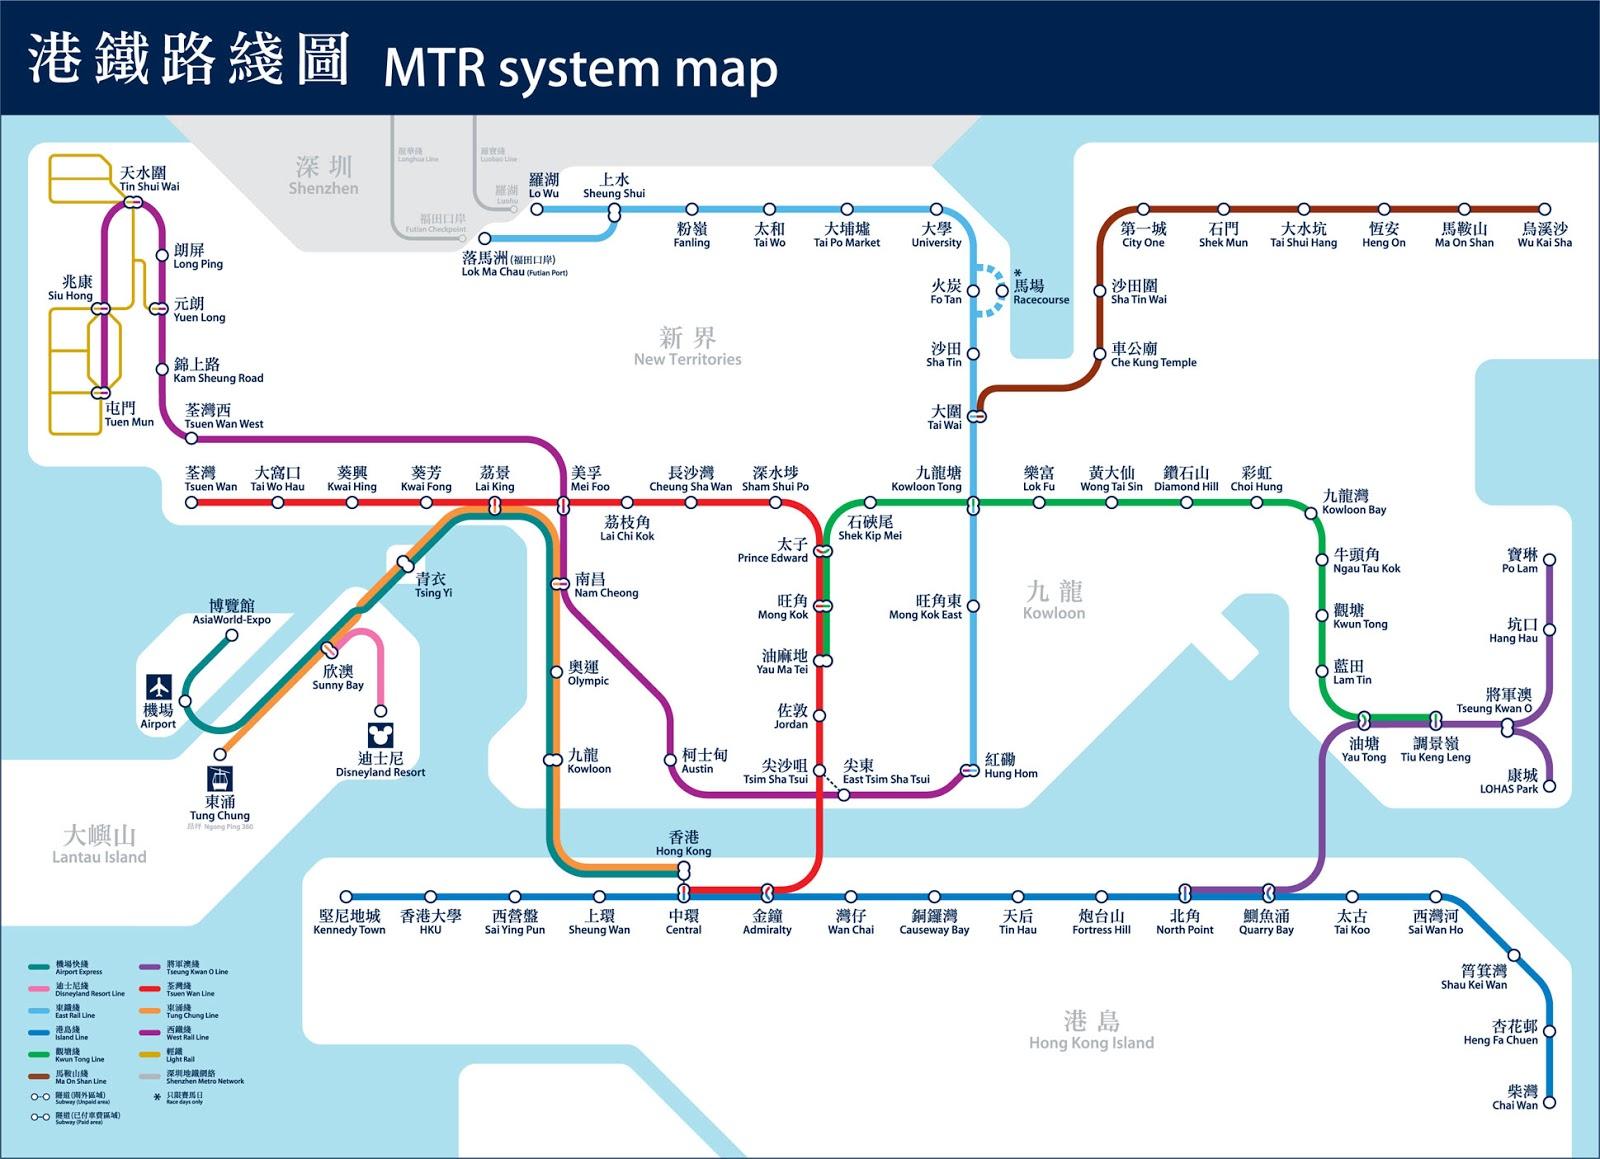 Mari Kita Menulis Hong Kong Trip Liburan Yang Menyenangkan Disneyland Hk With Meal 2in1 Dewasa Bawa Selalu Mtr Map Ini Selama Berada Di